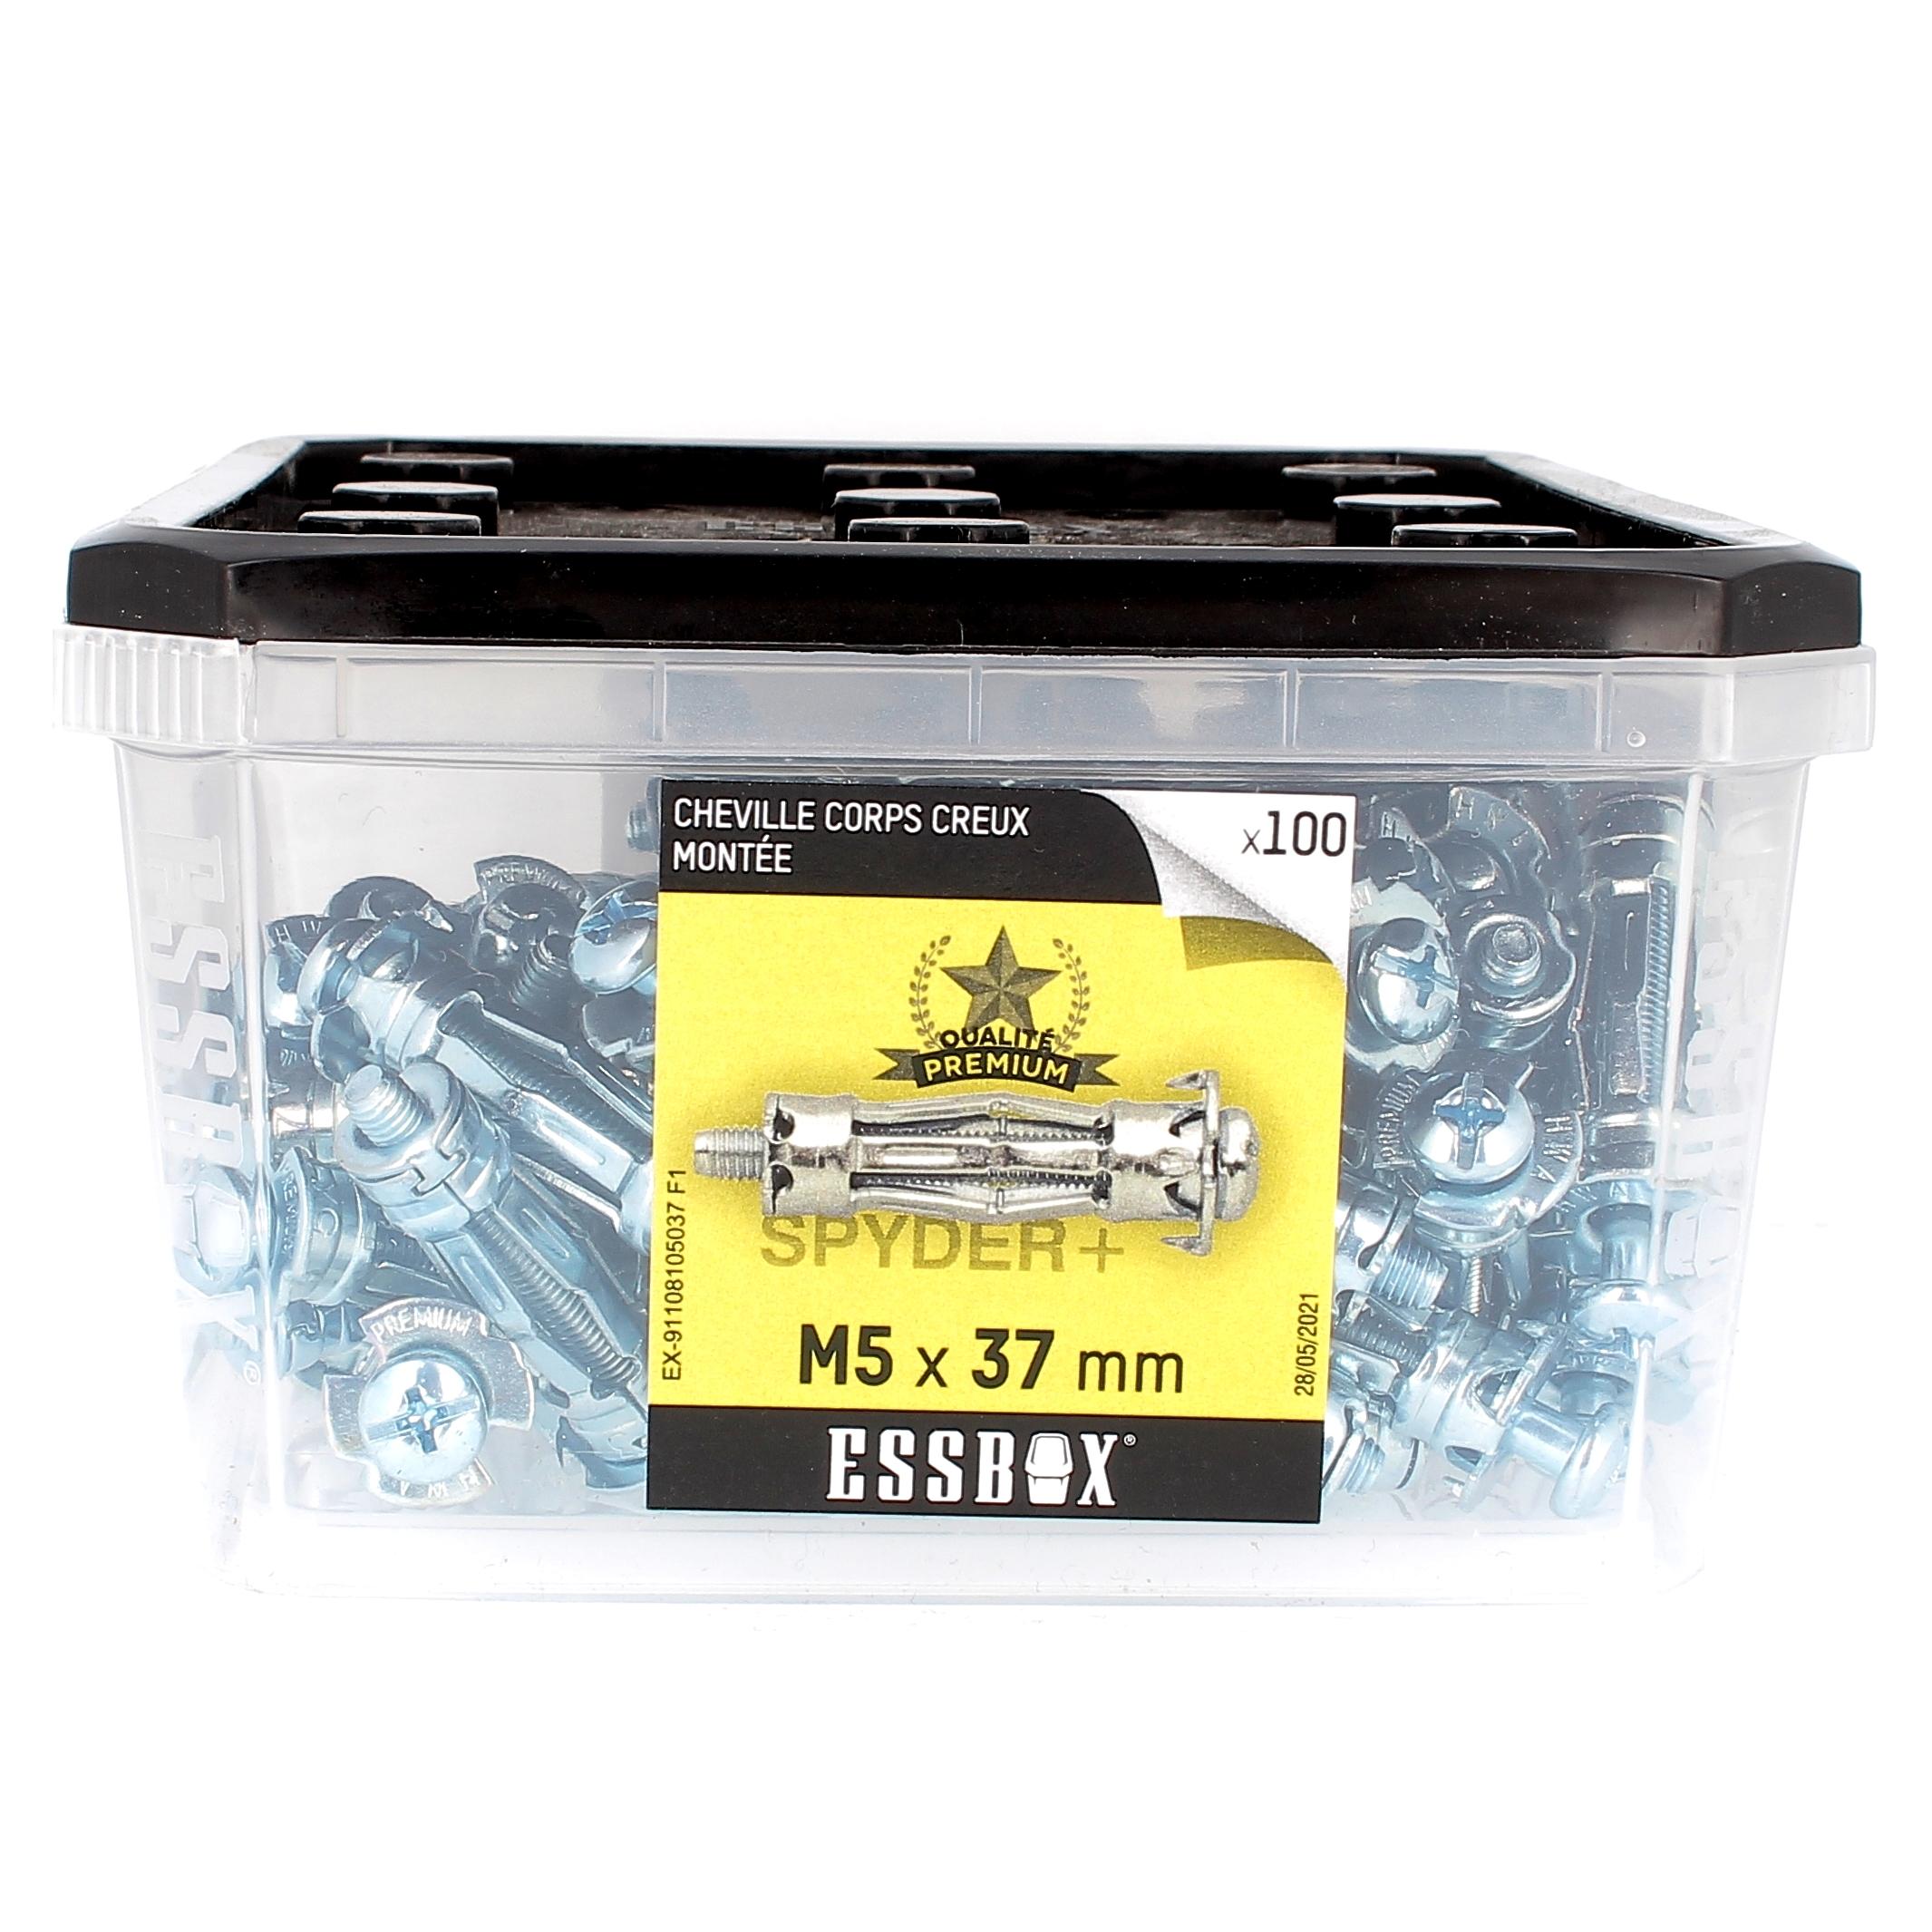 ESSBOX de 100 Chevilles Métalliques à Expansion Qualité Premium 5X37 avec Vis